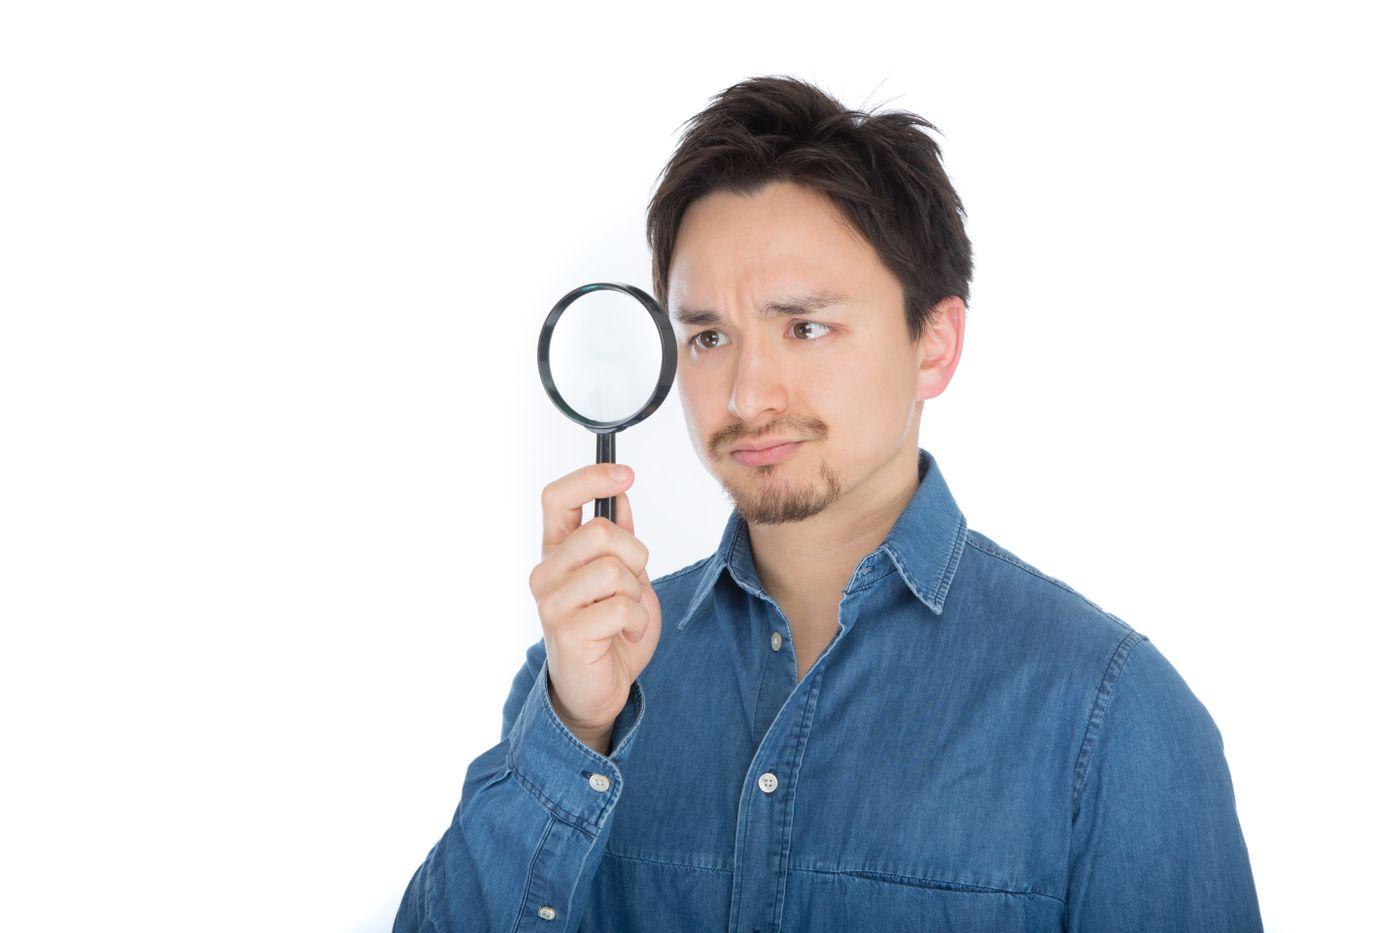 怪しい箇所をチェックするエンジニアの写真